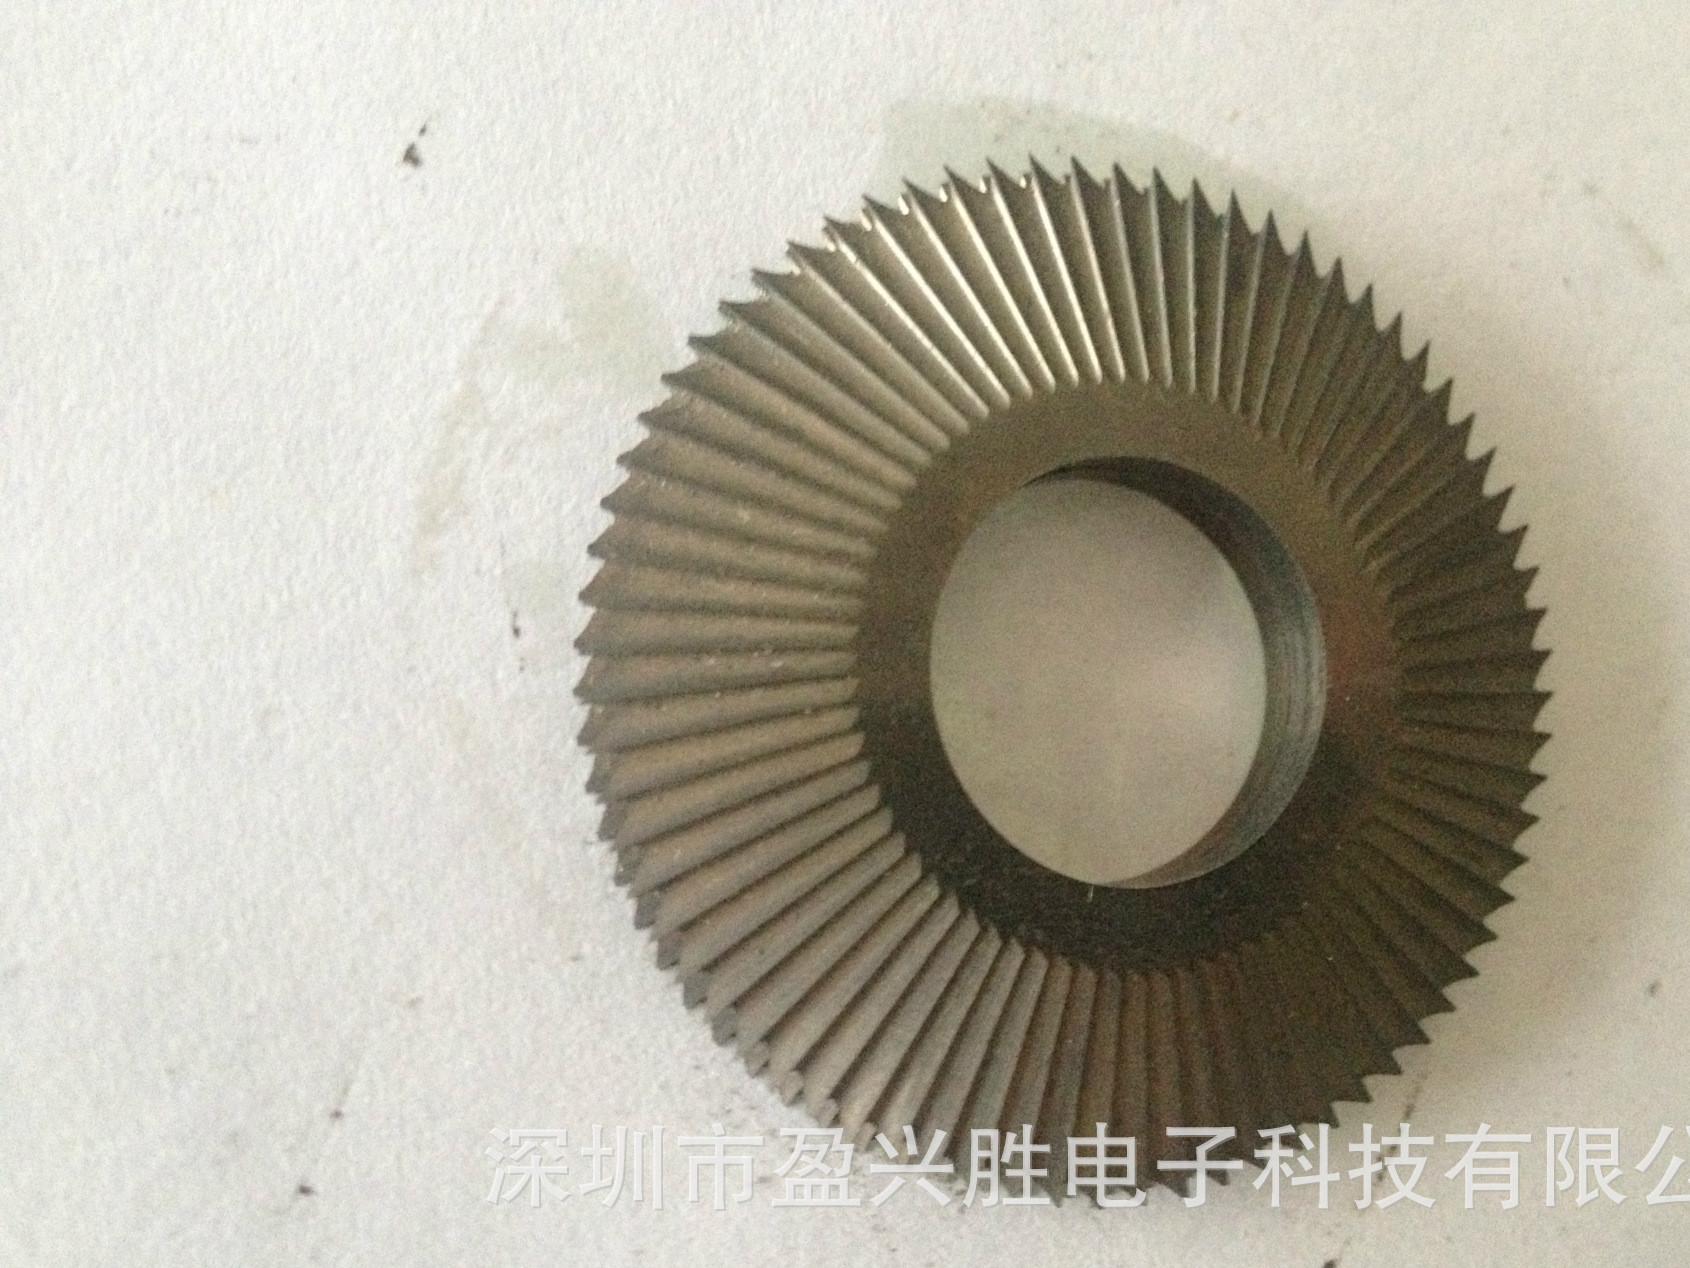 整体合金锯片 电子锯片批发 木工锯片 硬质合 金数控刀片 123